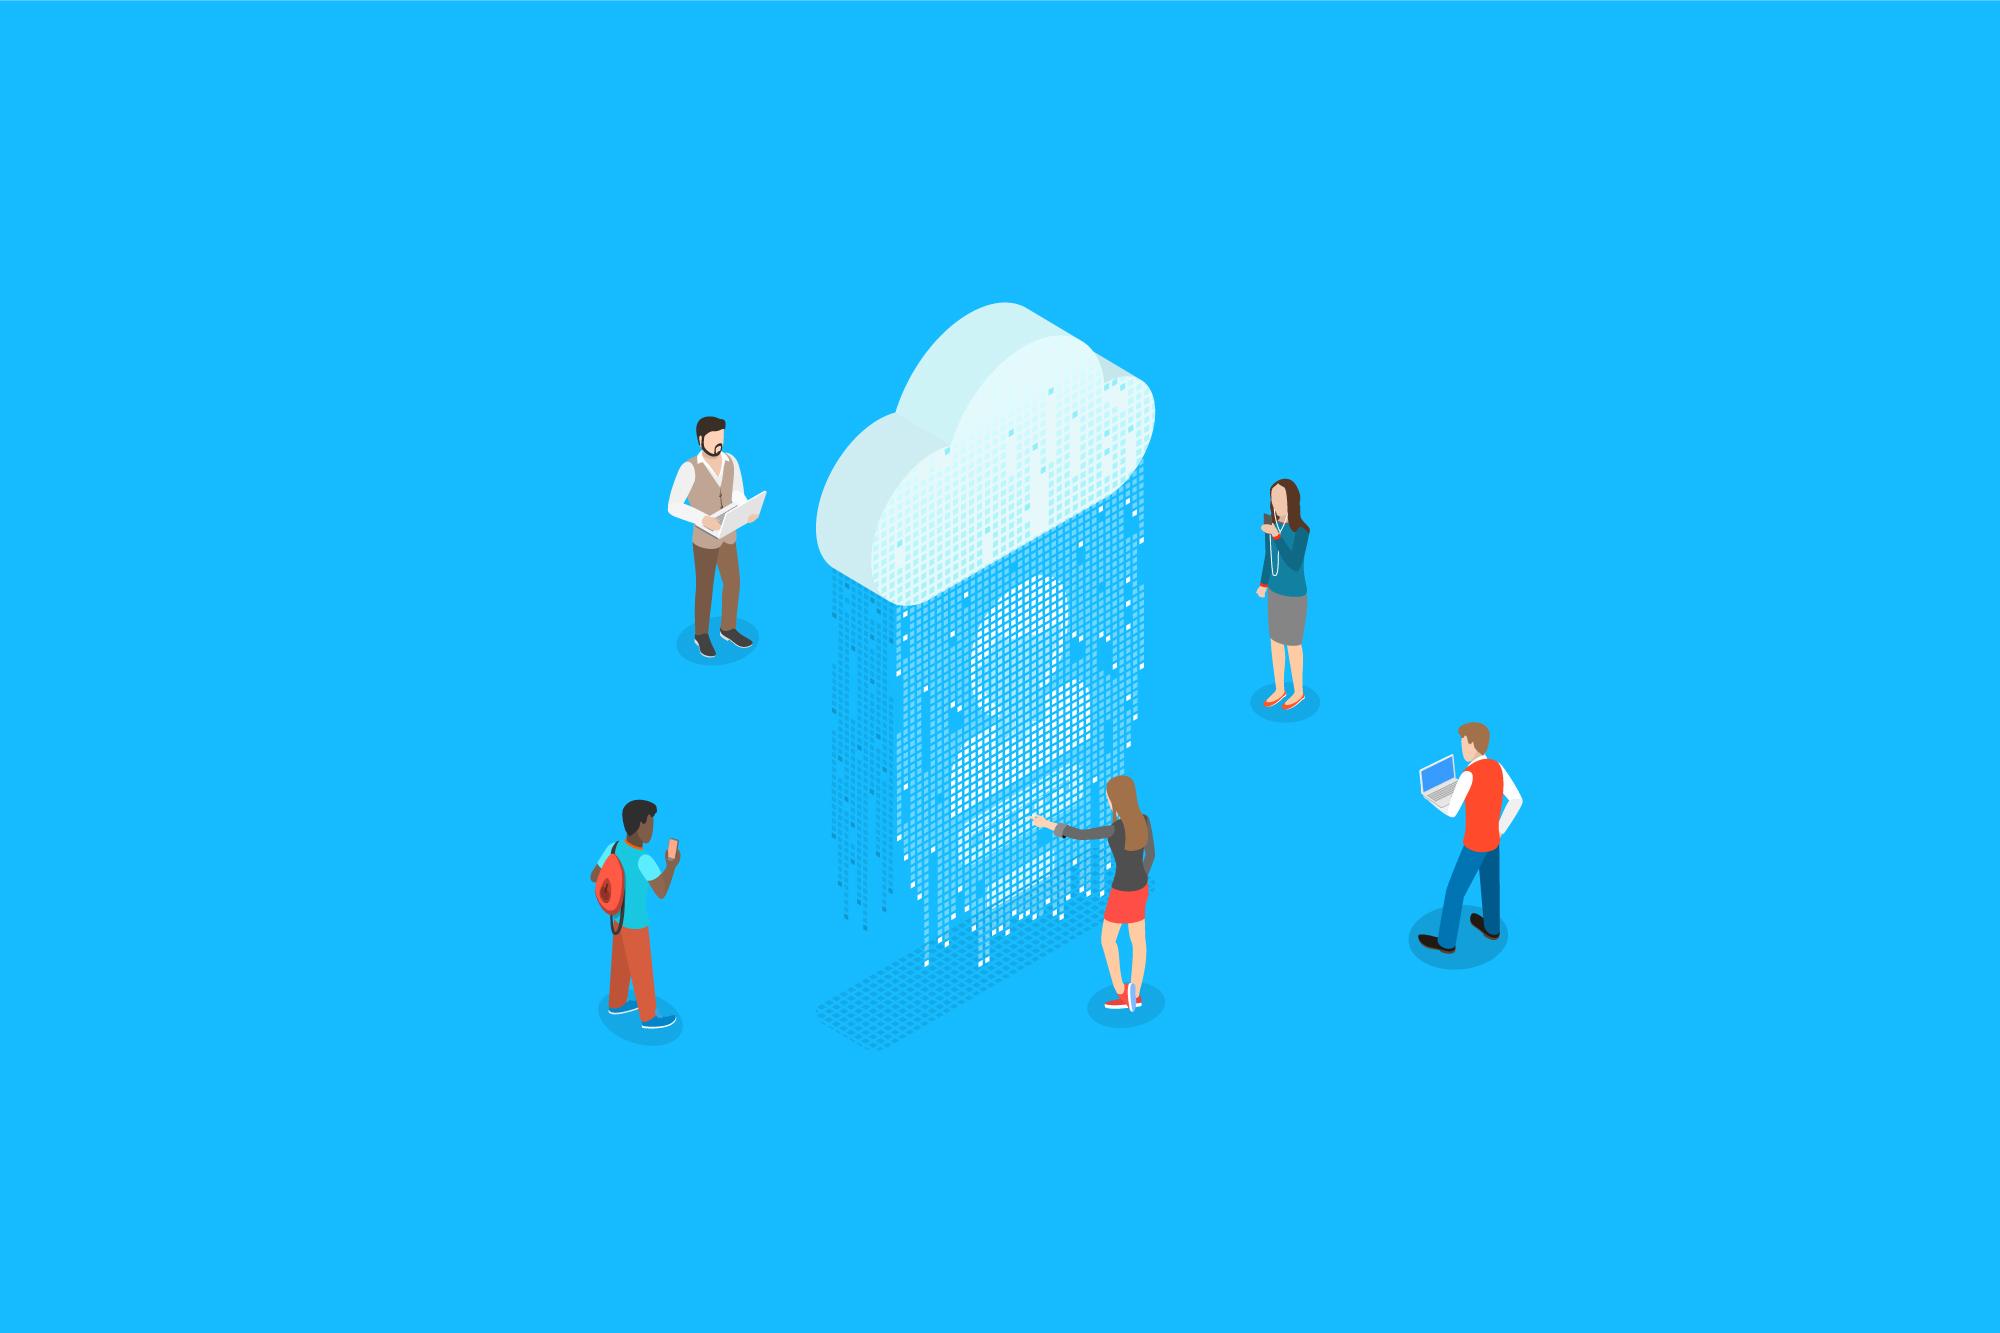 企業間情報共有プラン | クラウドラボ|クラウドサービスで業務改善を ...